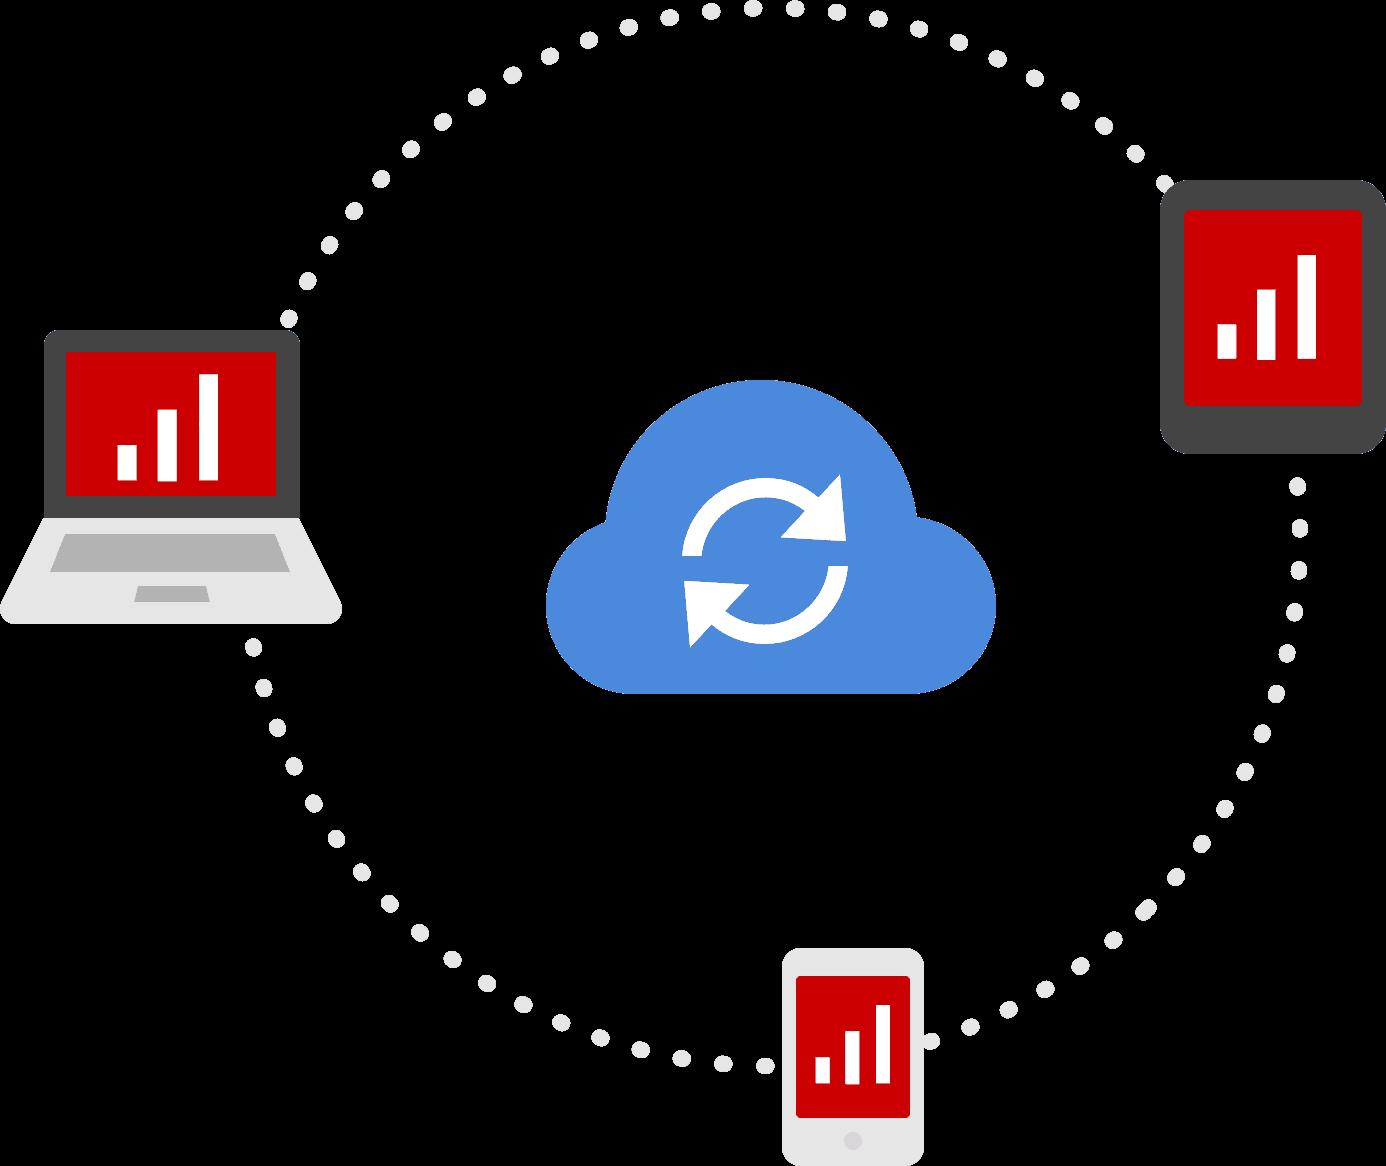 Kundenstamm - Kundenverwaltung online